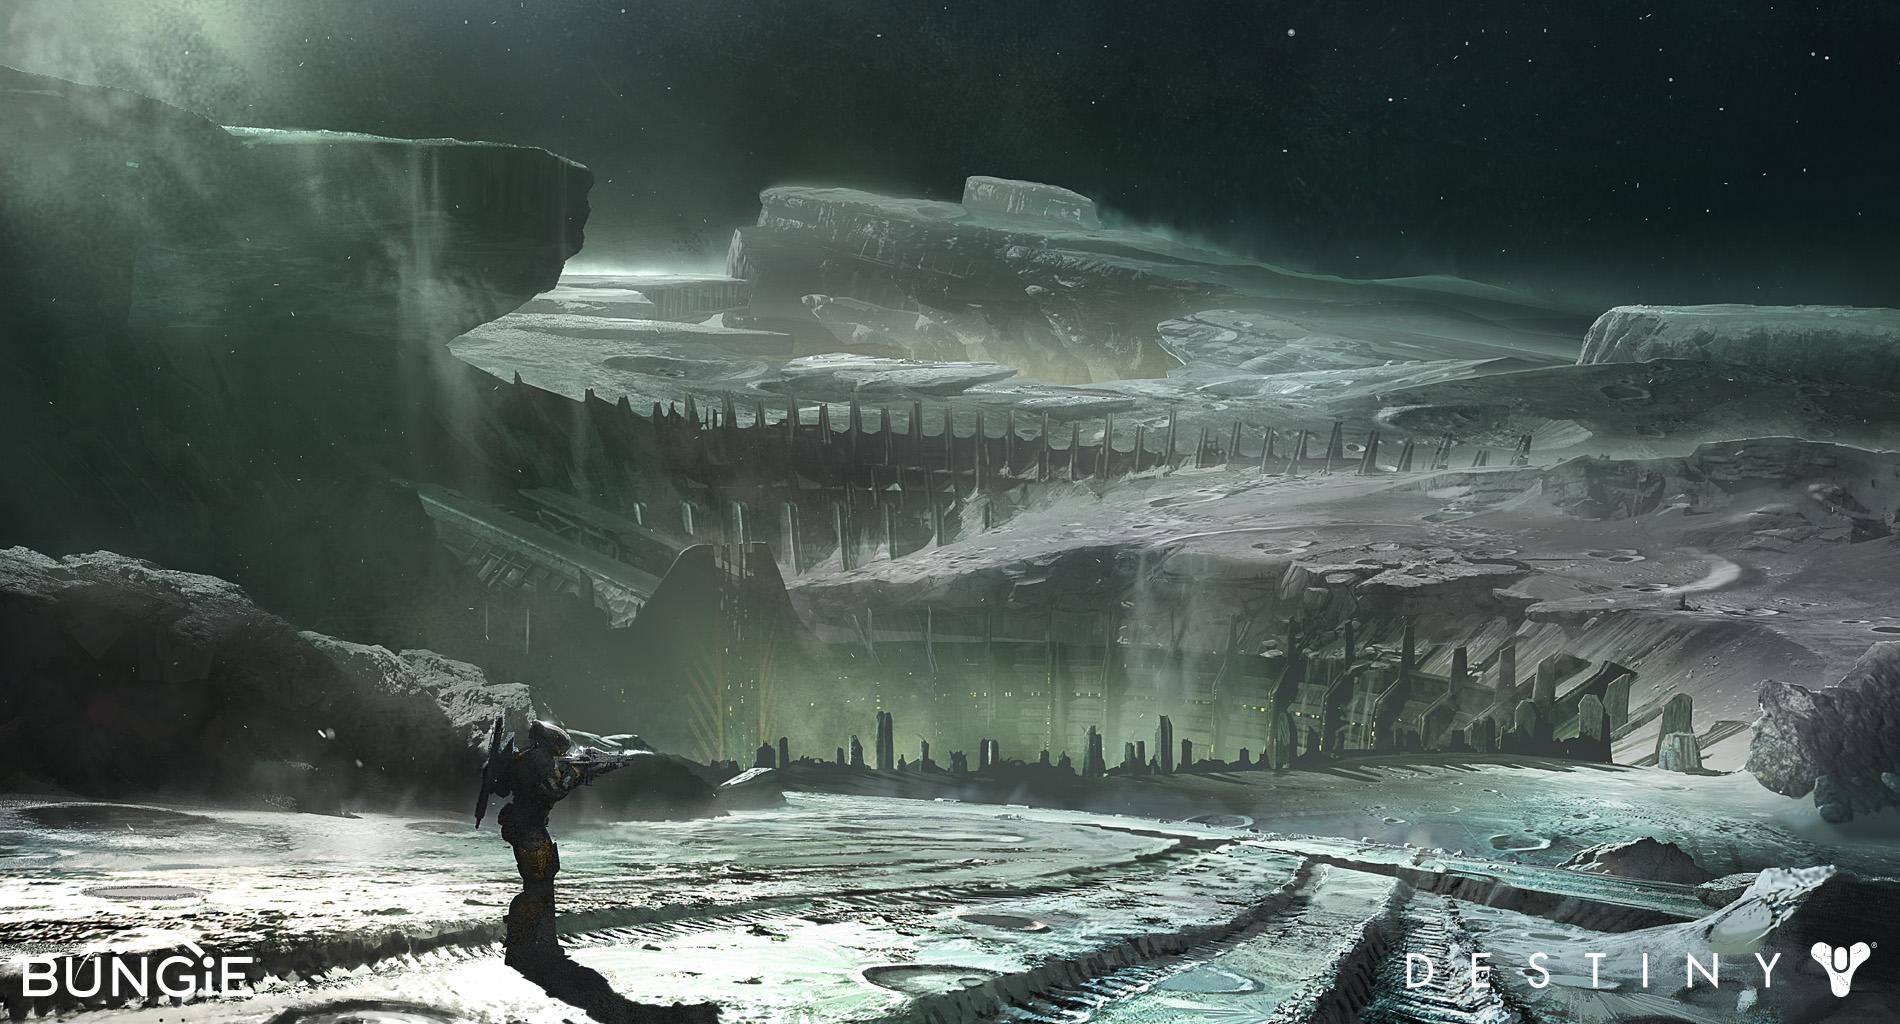 Boj na Měsíci v podání Destiny 88408